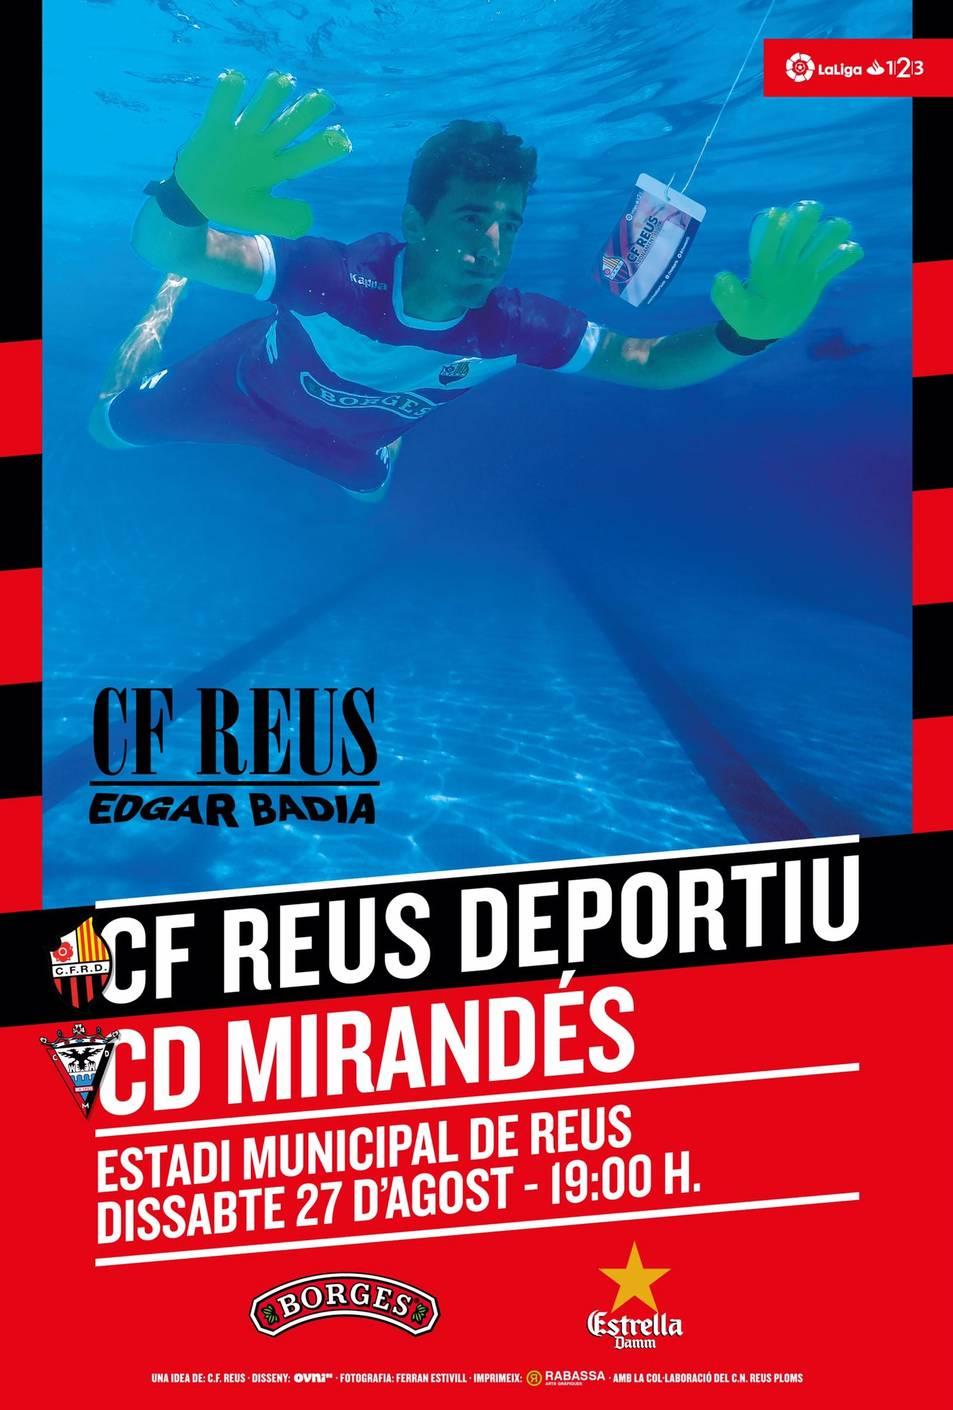 Cartell del partit entre el CF Reus Deportiu i el CD Mirandés